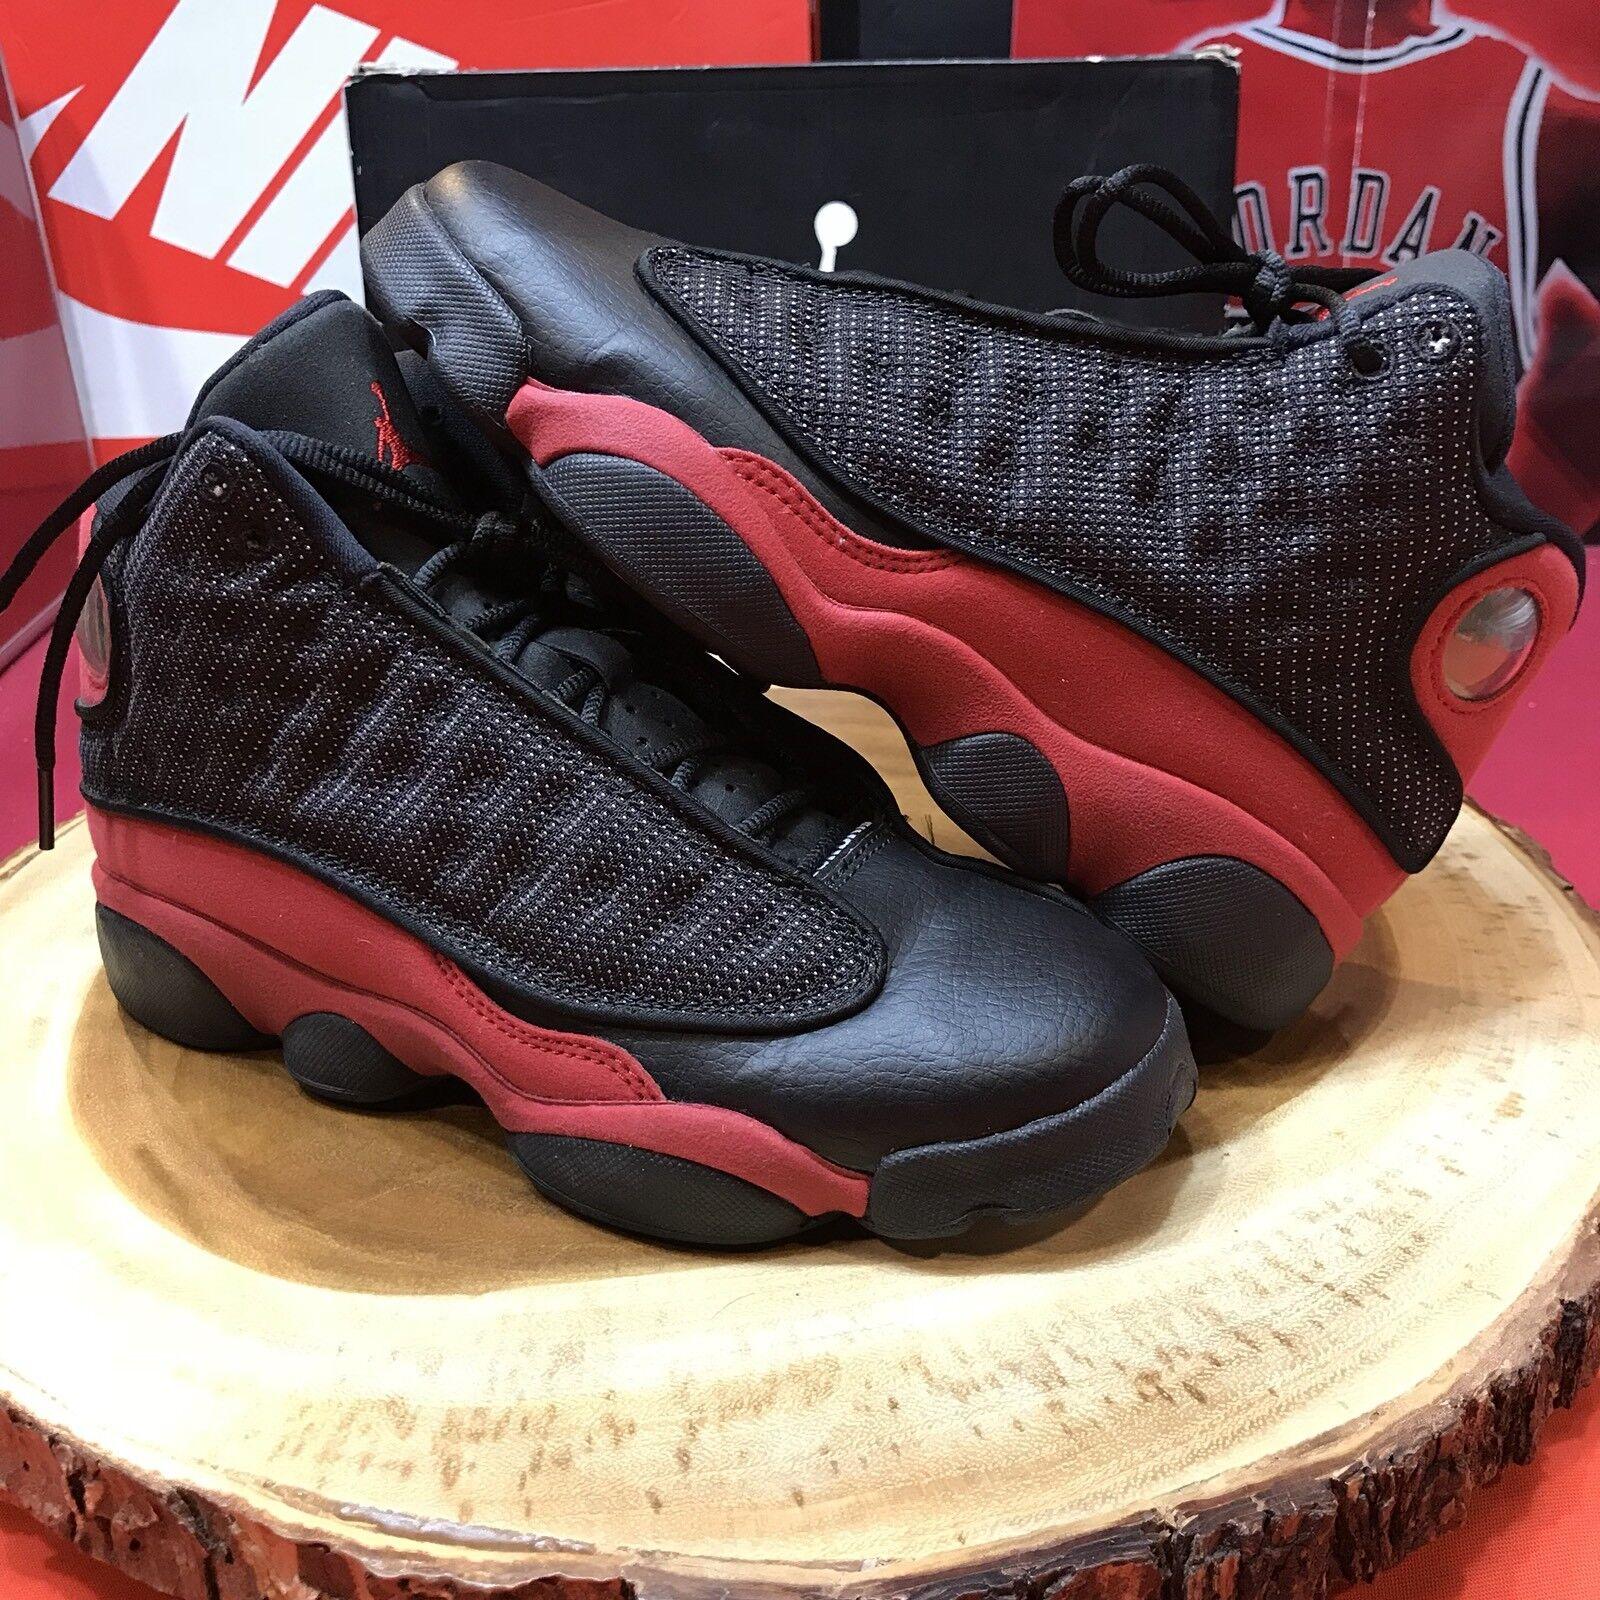 Nike air jordan retrò xiii allevati dimensioni è partita l'altitudine dei playoff, xi, xiv ix